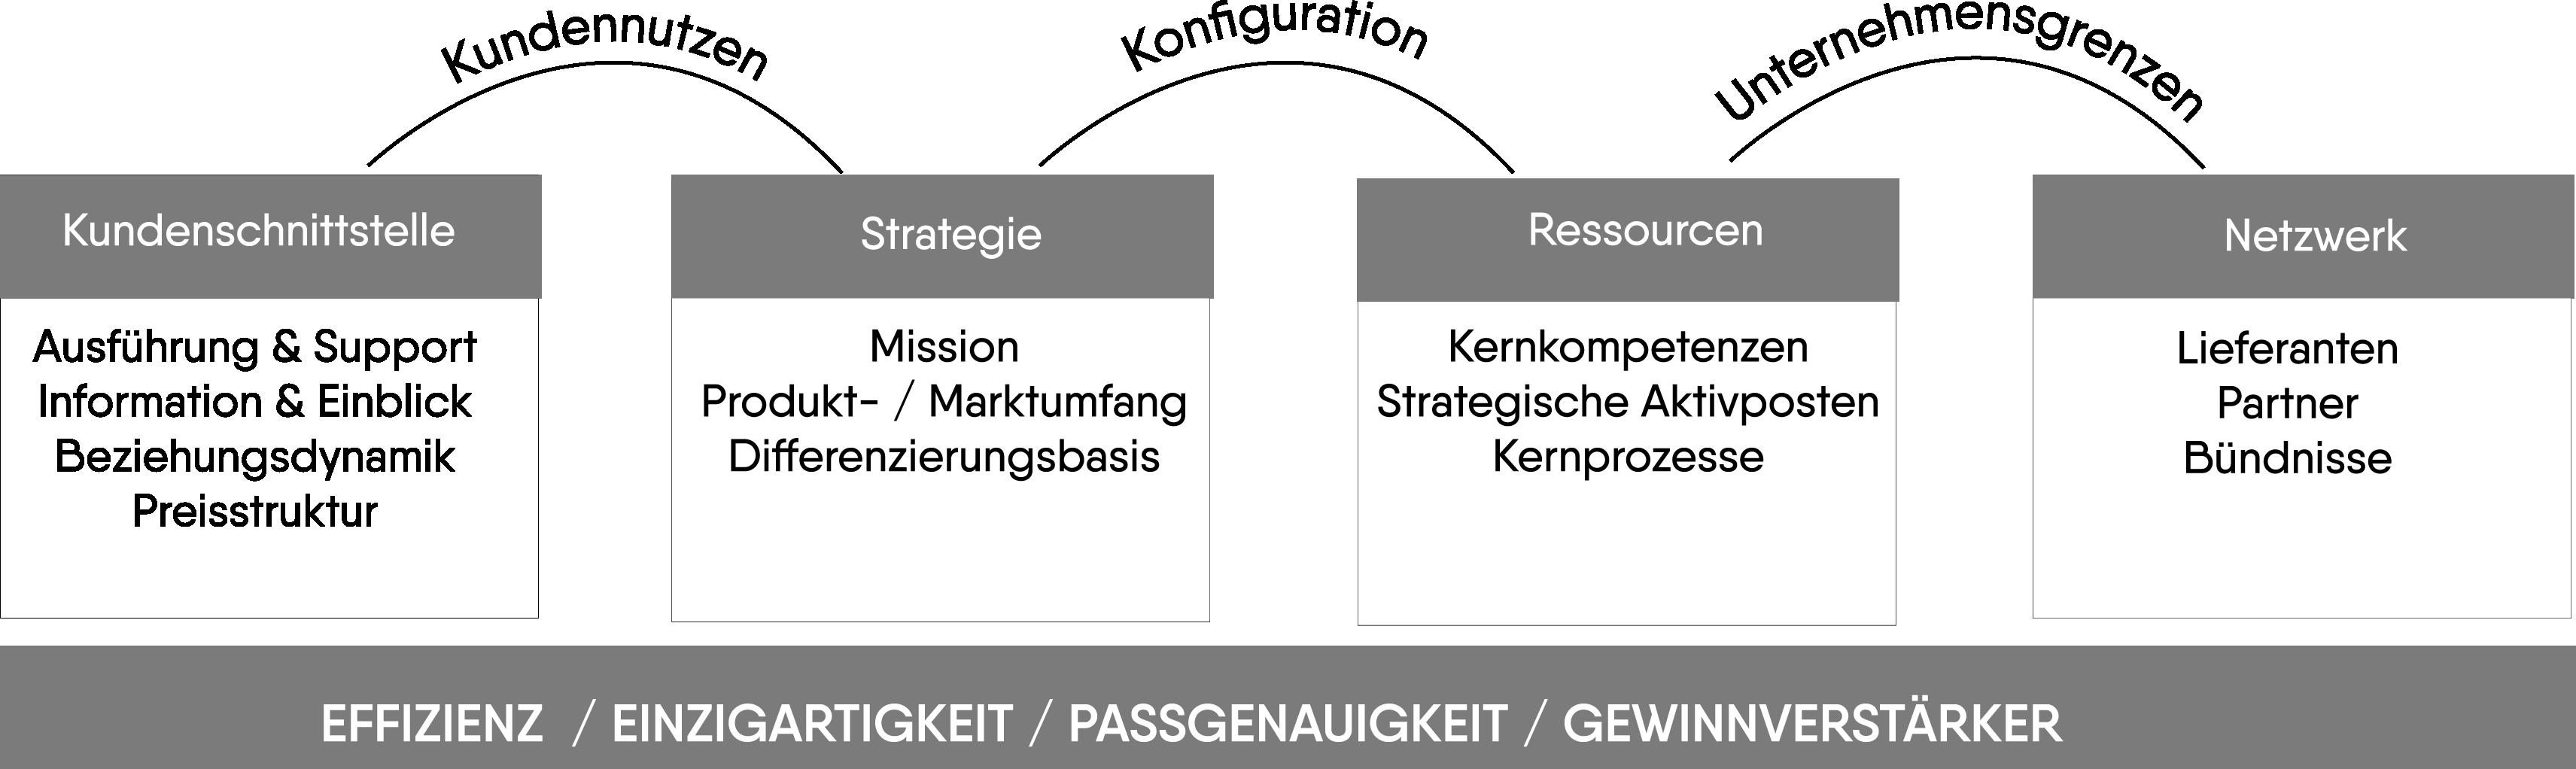 Geschäftsmodell-Ansatz von Hamel. Eigene Darstellung, basierend auf Hamel, 2000, S.115